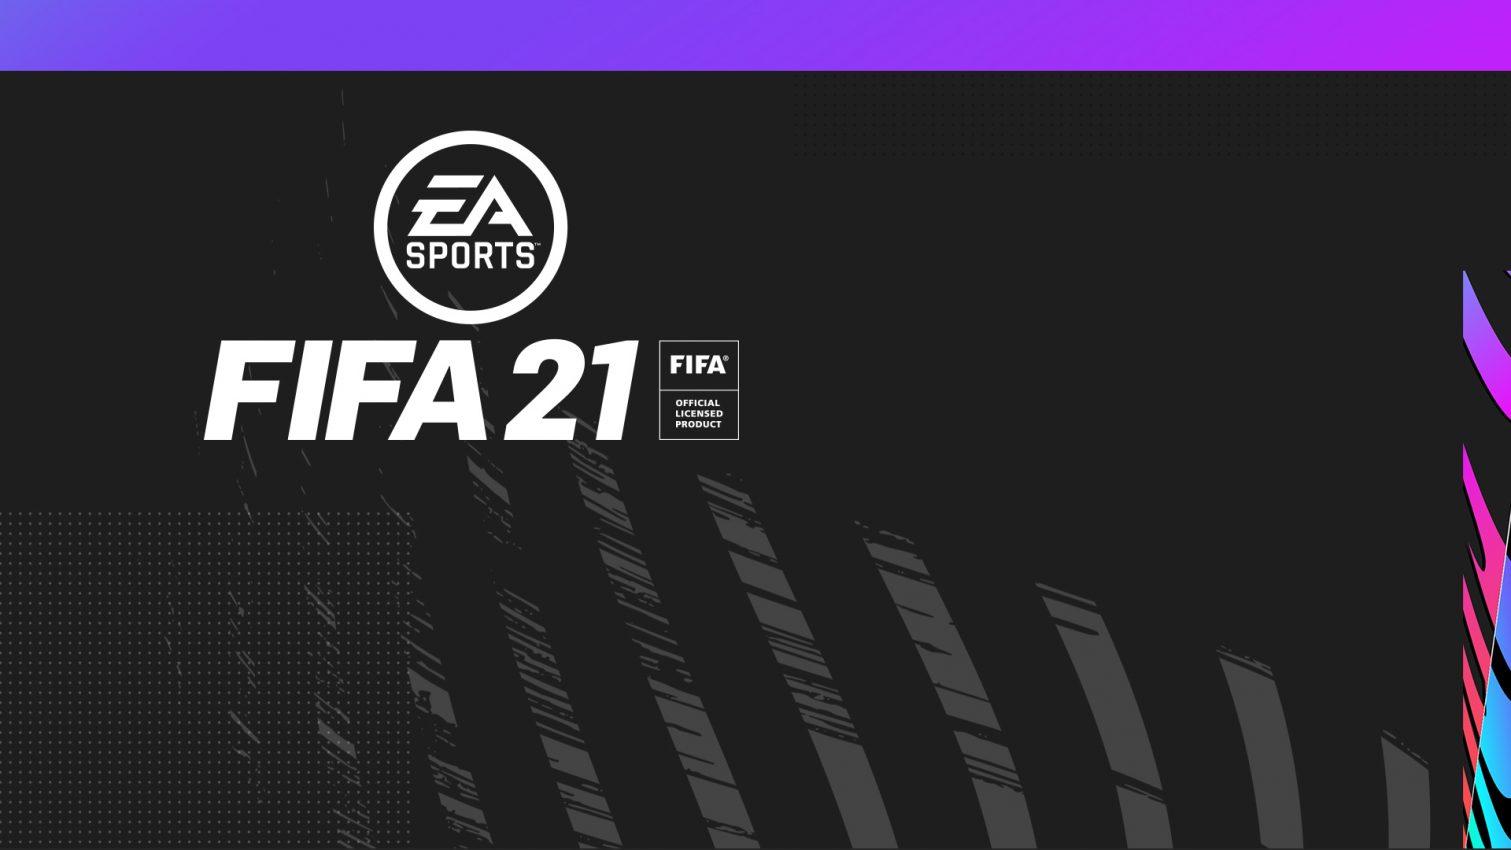 فیفا 21 فردا رونمایی خواهد شد